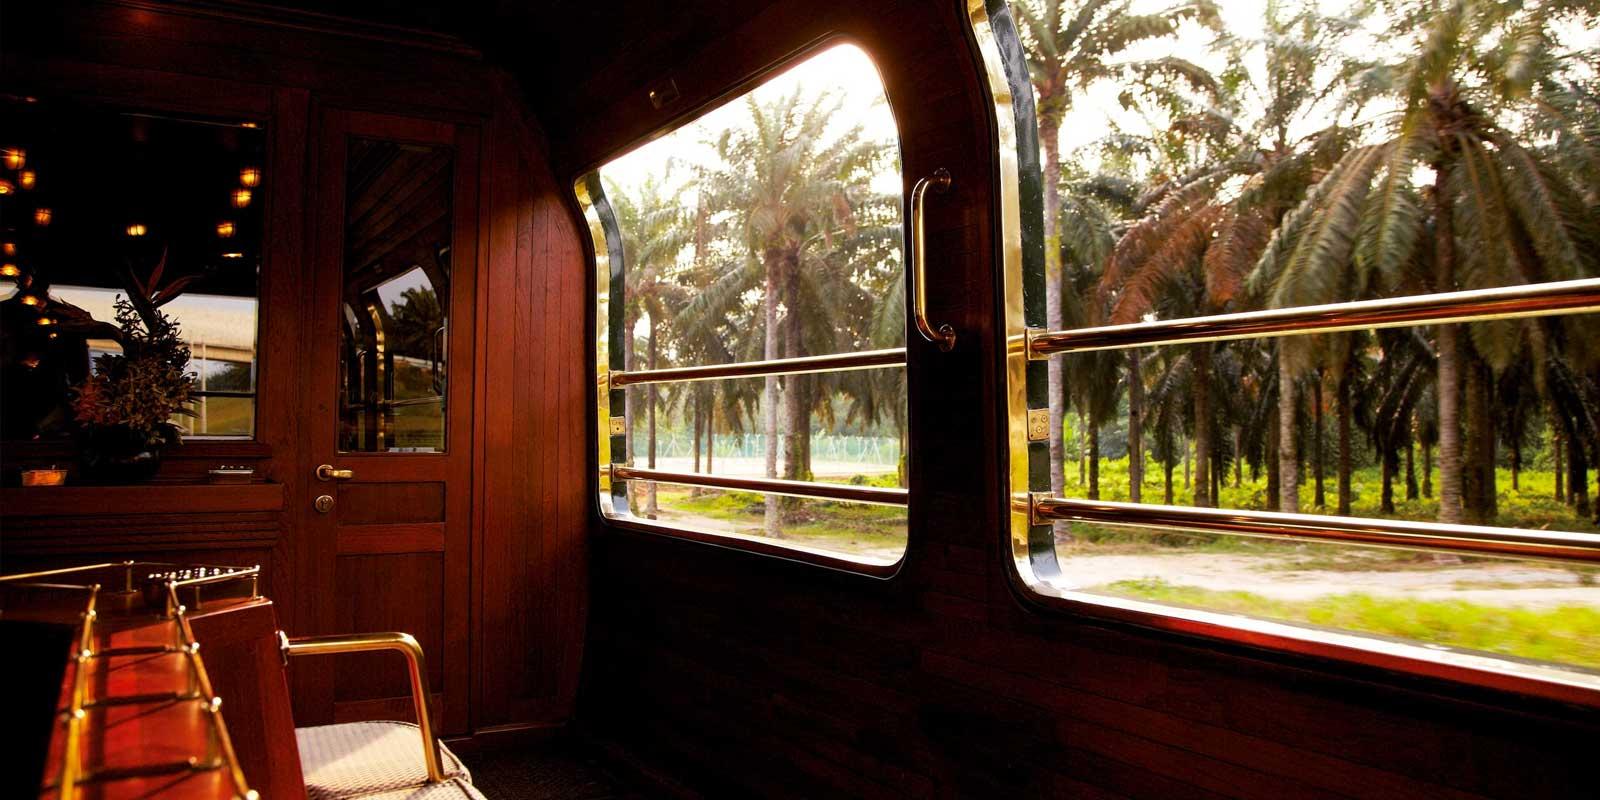 Belmond Eastern Oriental Express Scenery